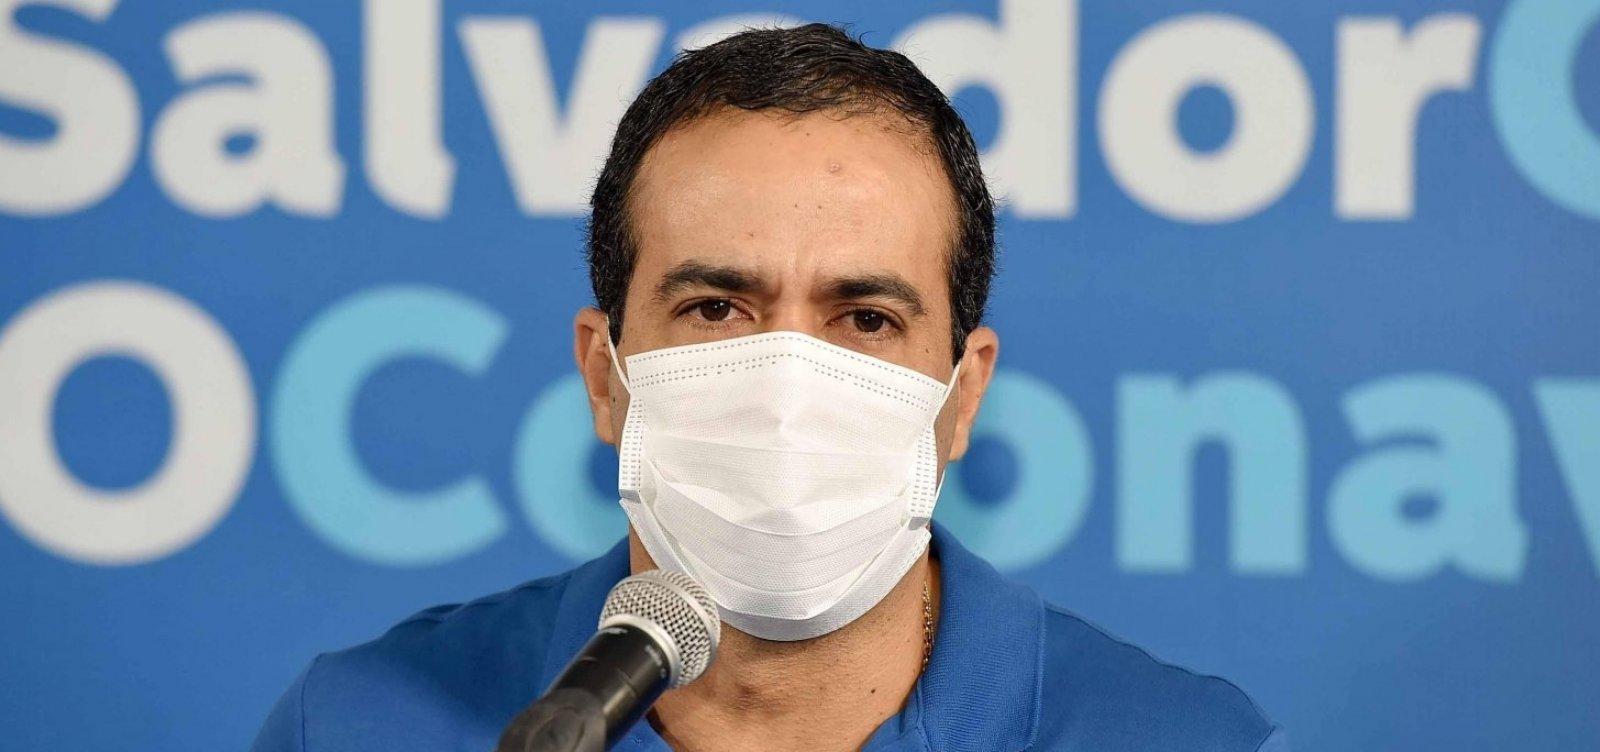 Bruno Reis diz que Réveillon e Carnaval estão sendo planejados, mas dependem da evolução da pandemia